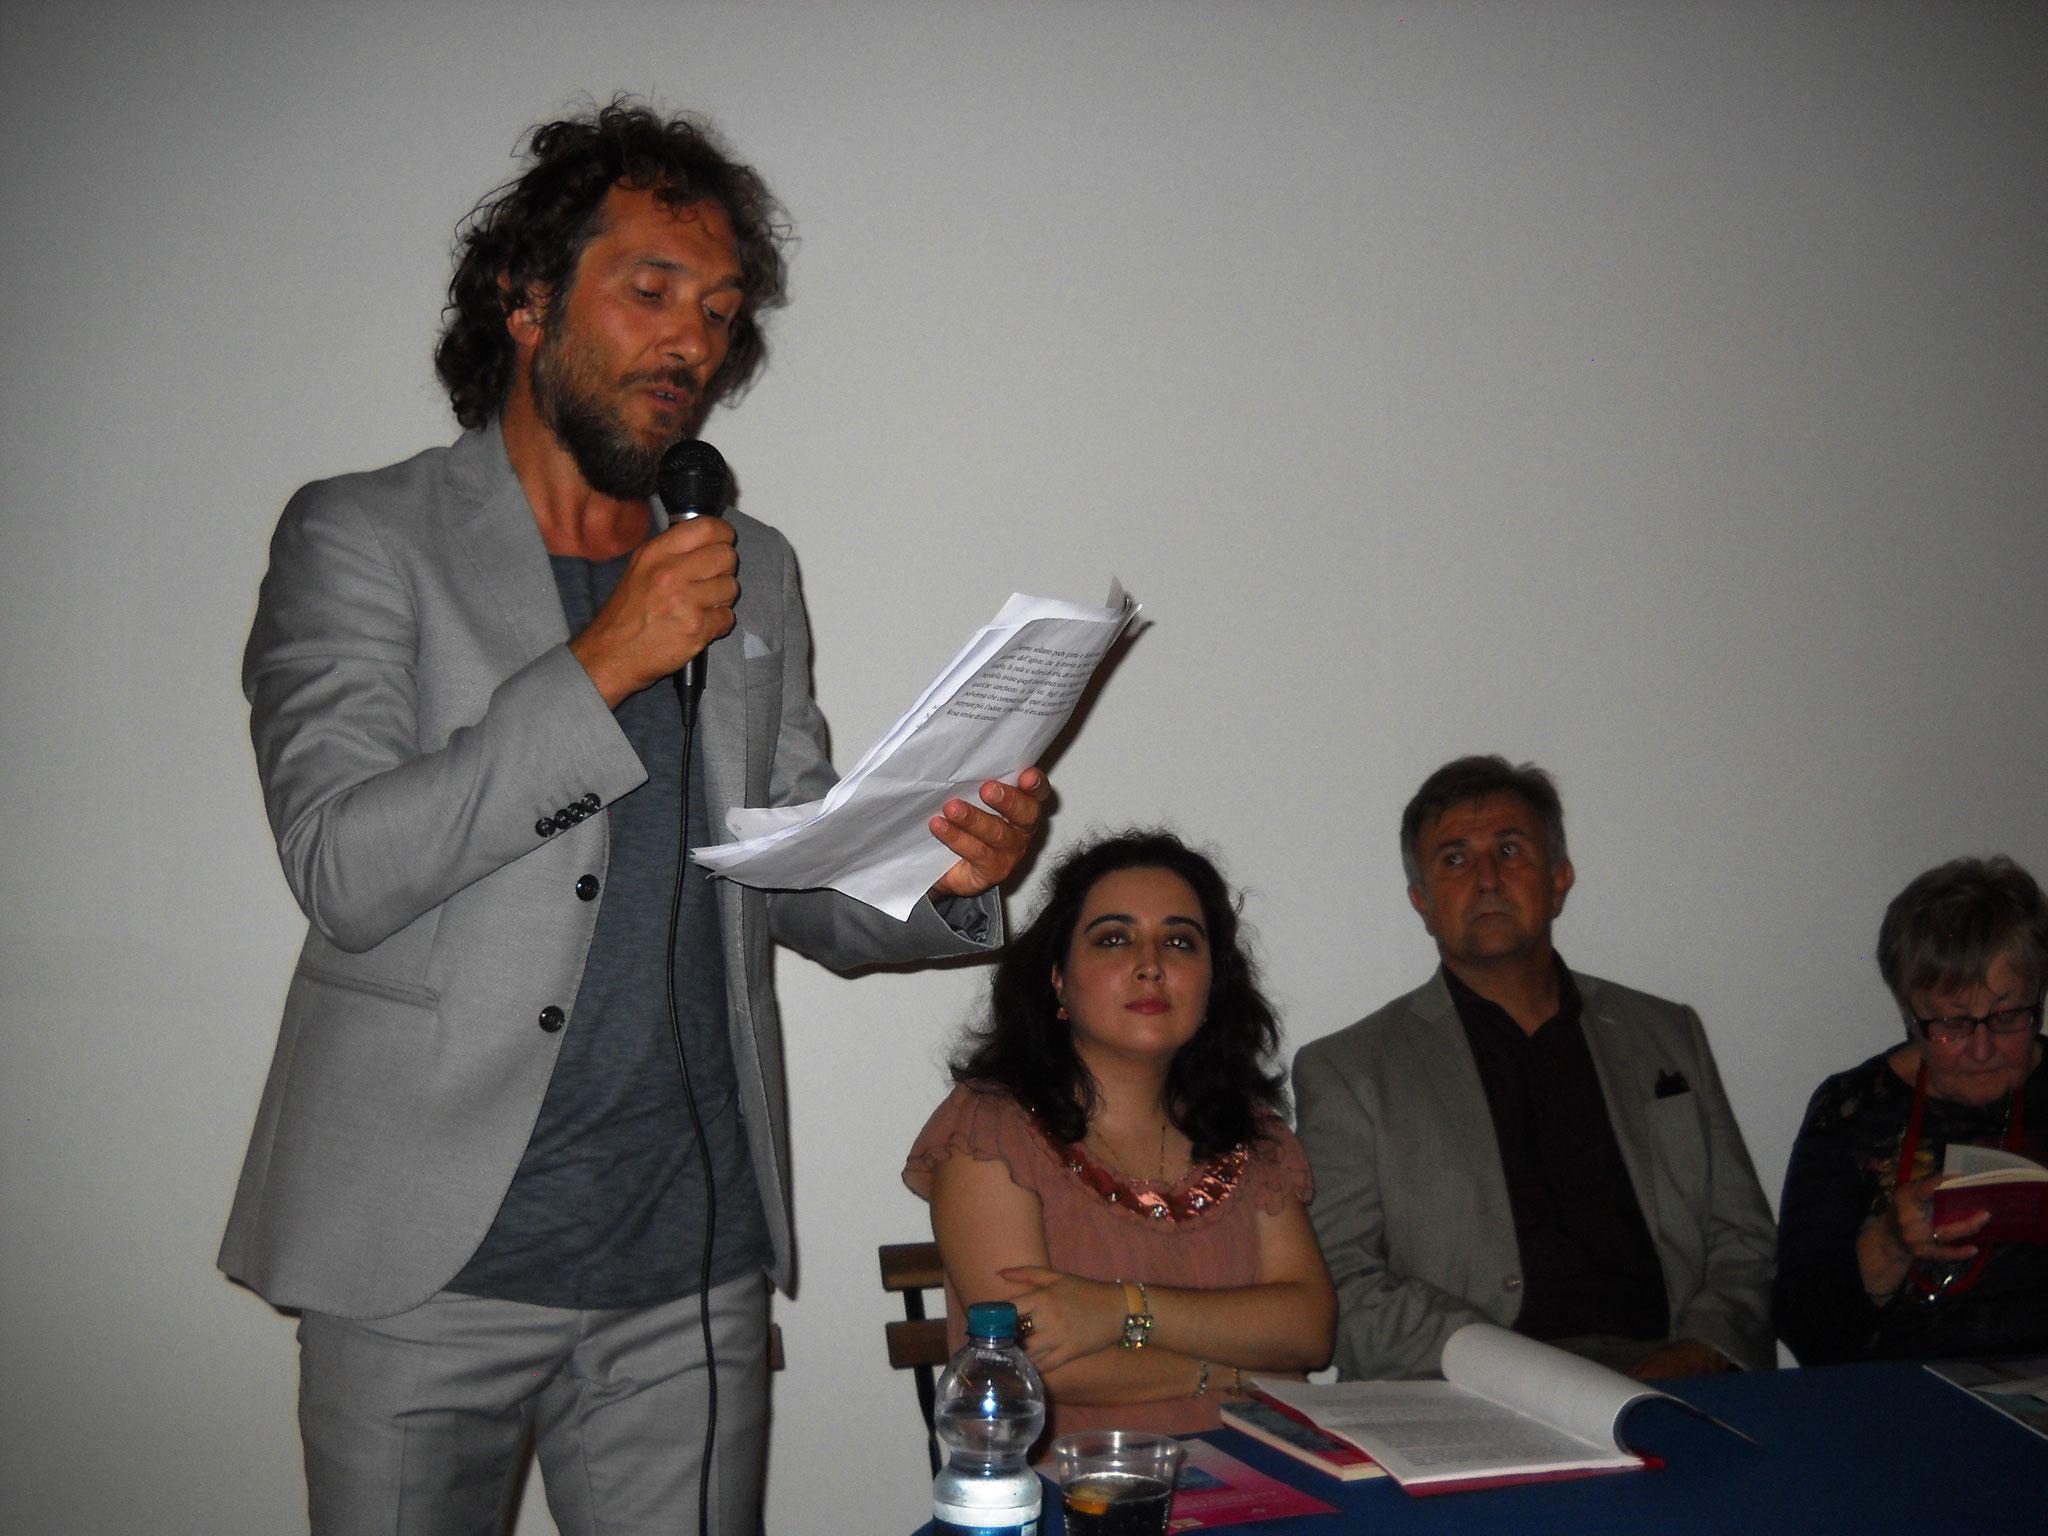 L'attore Daniele Gargano del Teatro dell'Aglio che interpreta i brani del libro